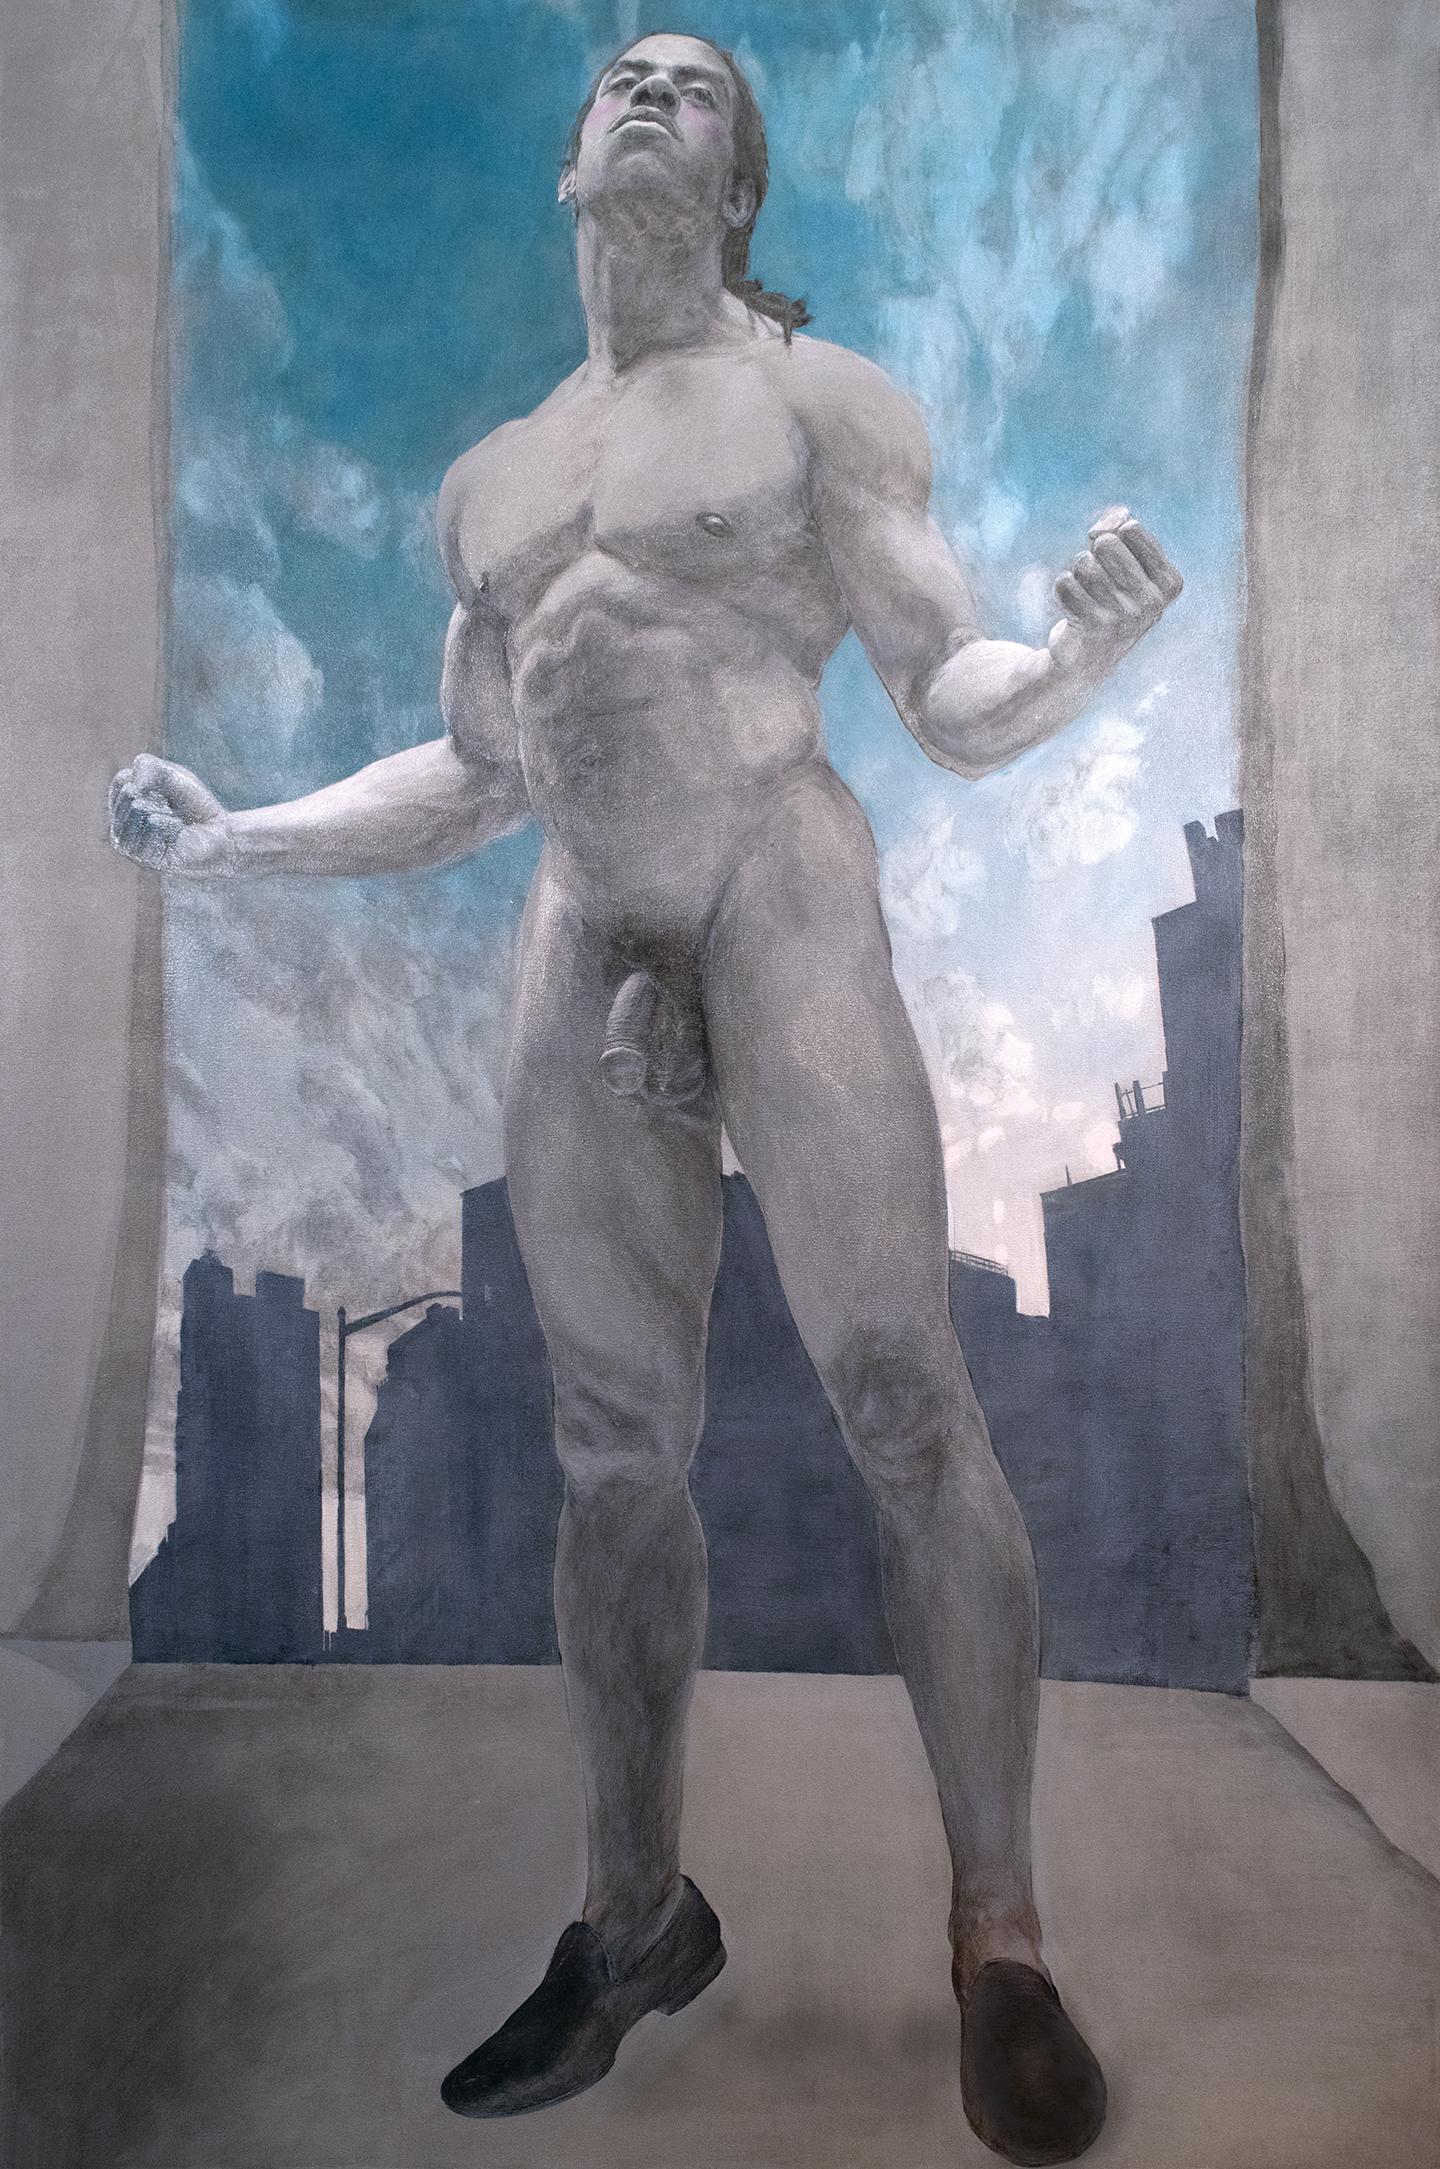 Étude Masculine Américaine, 2017, Acrylic on Canvas, 71 x 47 inches.